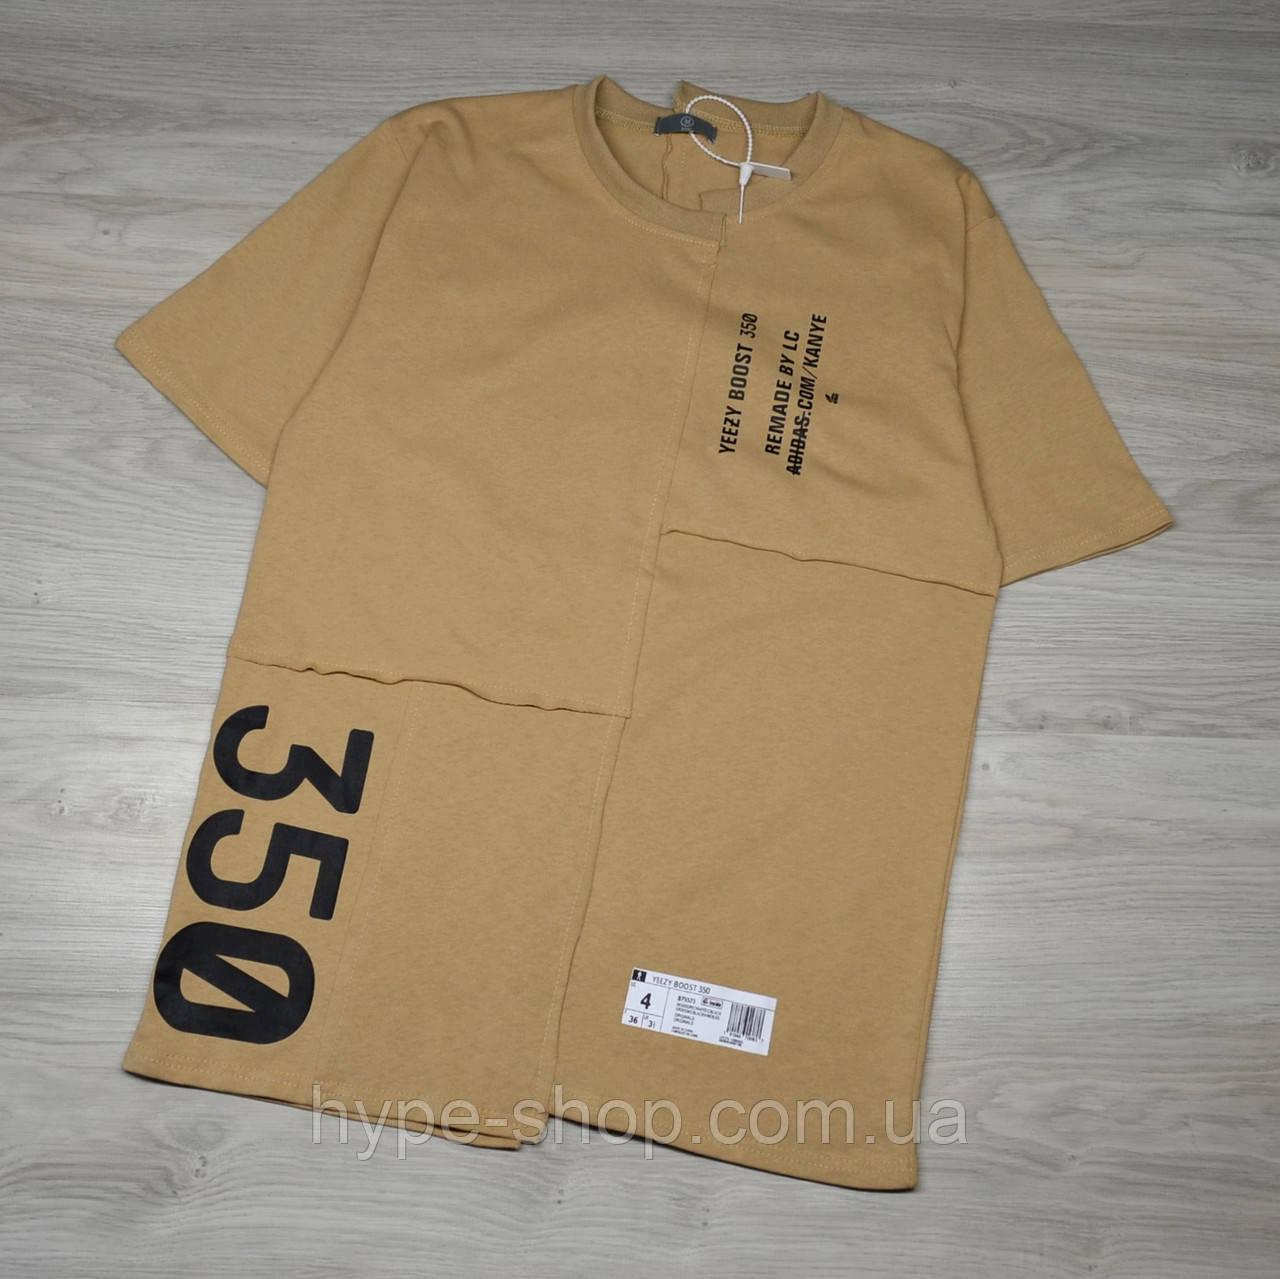 Мужская футболка Adidas Yeezy Boost x Kanye West качественный принт